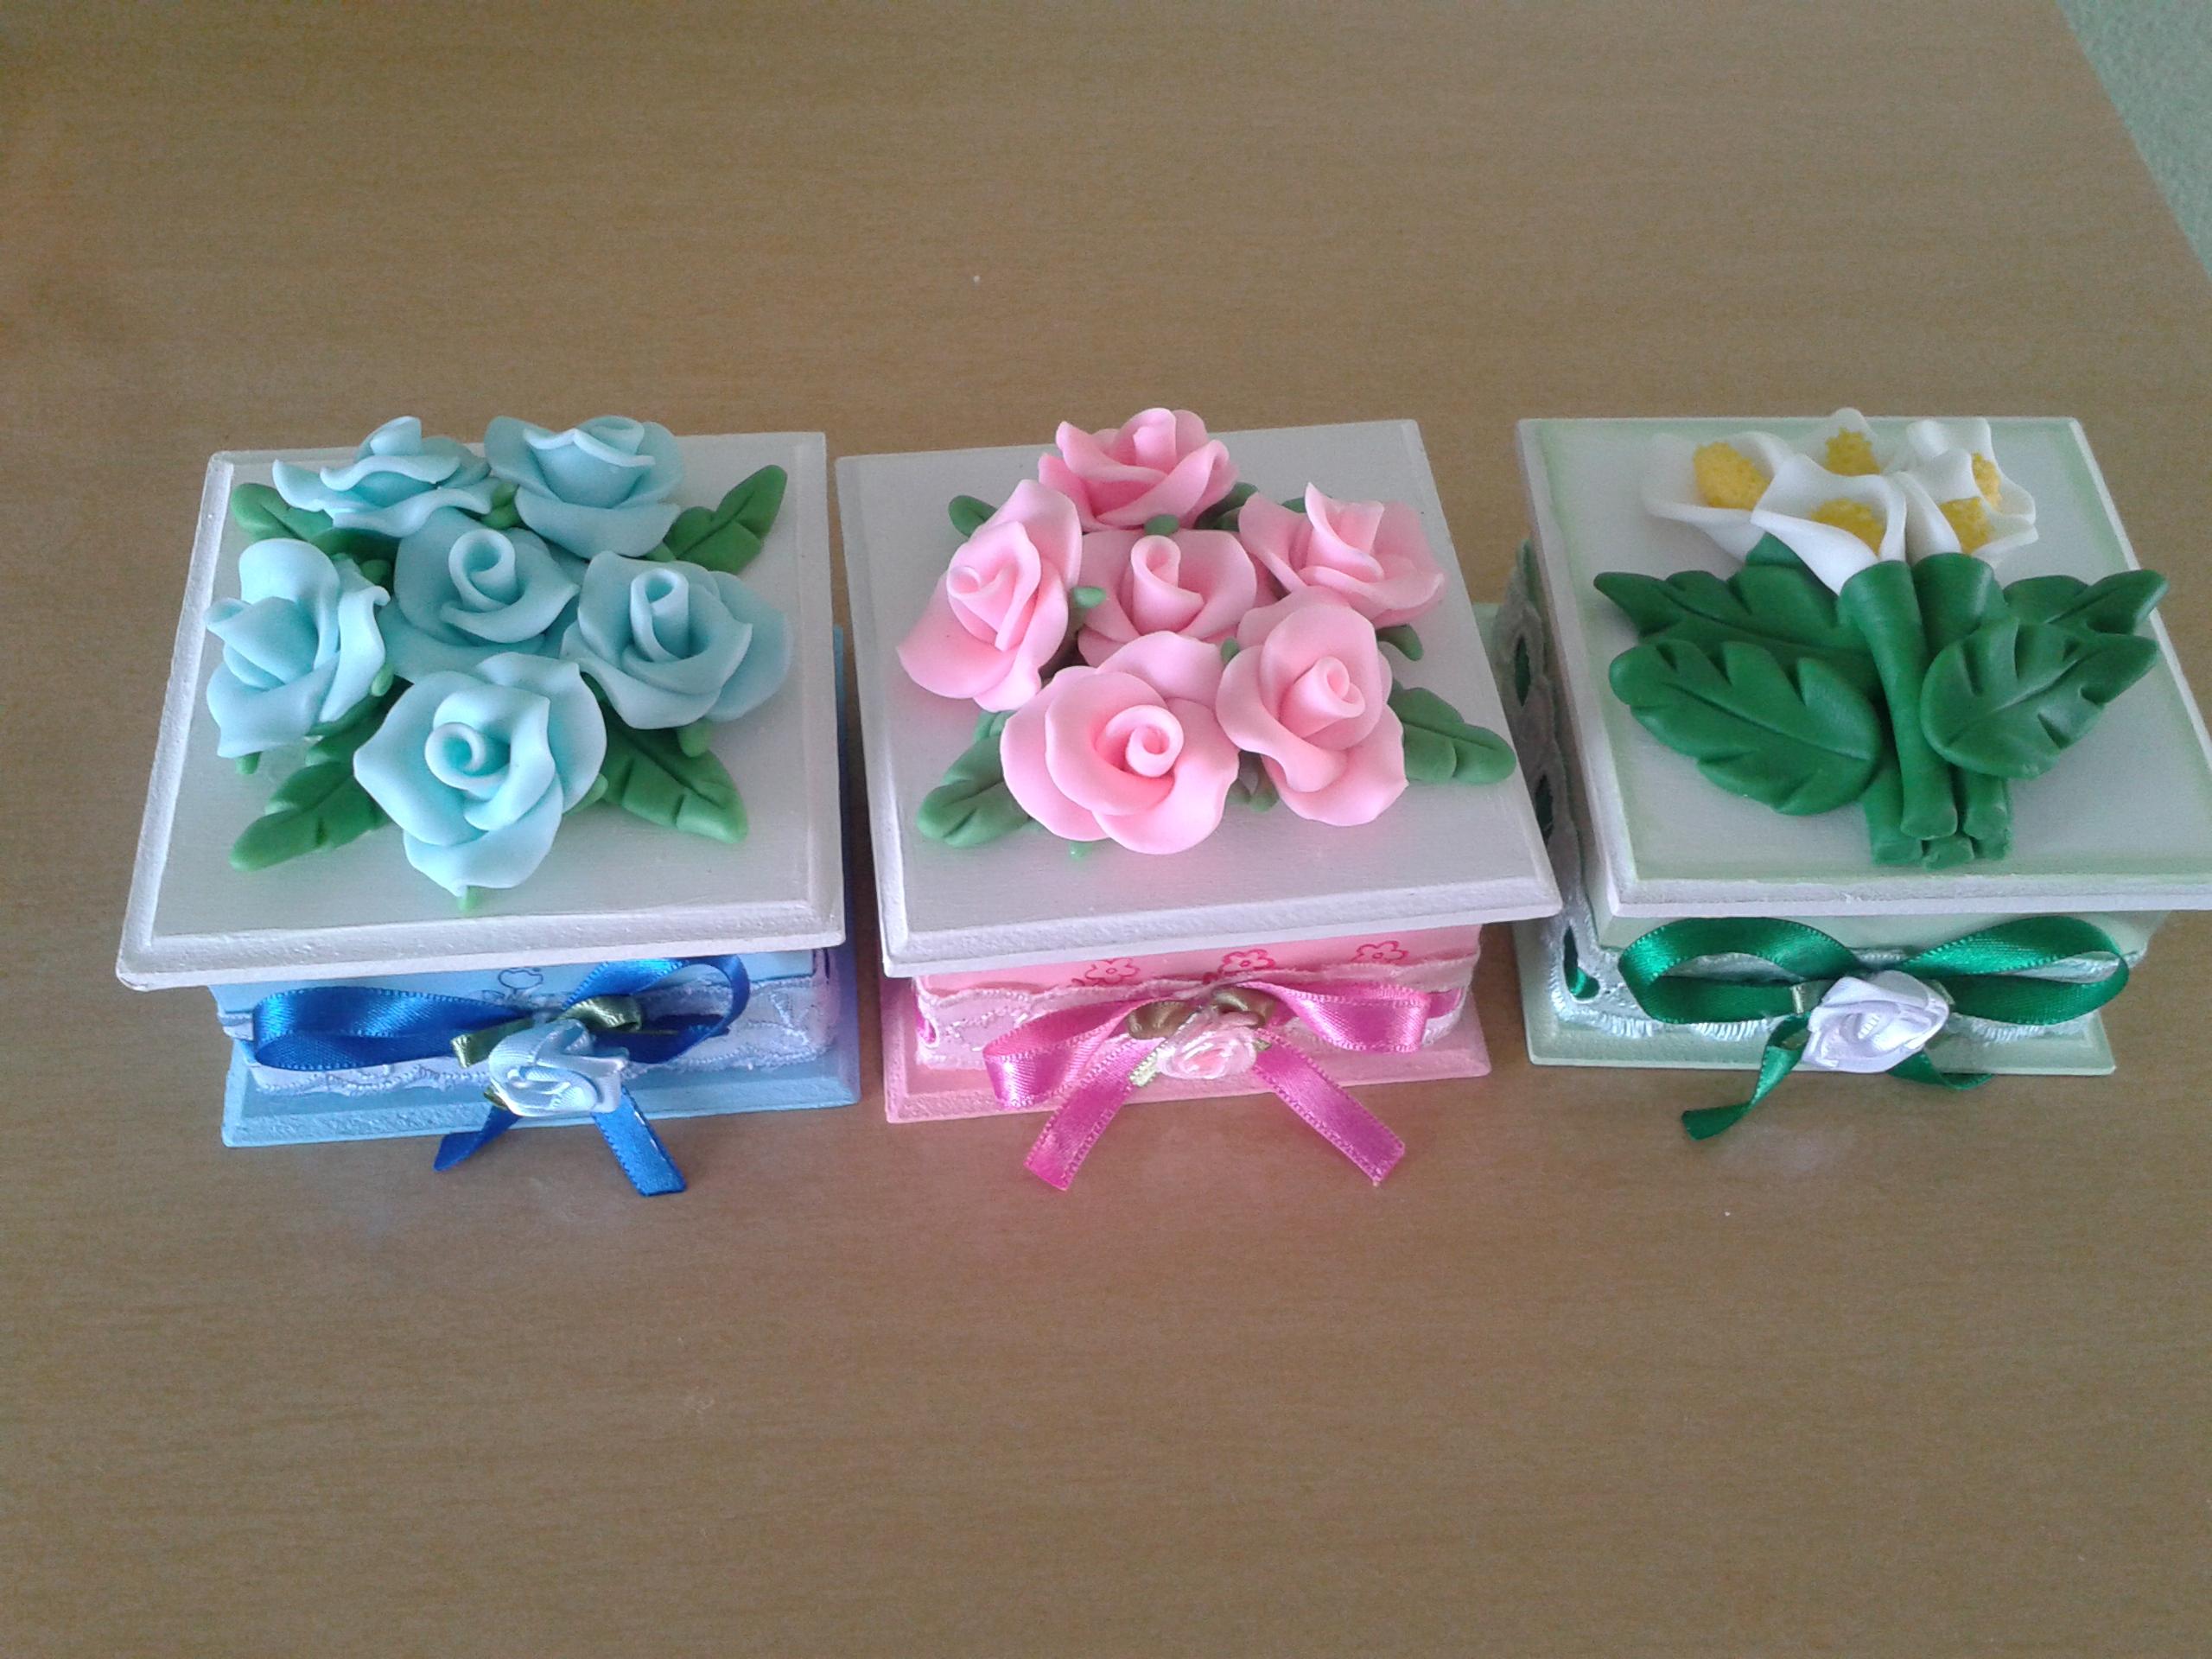 flores de biscuit lembrancinhas caixinha com flores de biscuit caixas  #226444 2560x1920